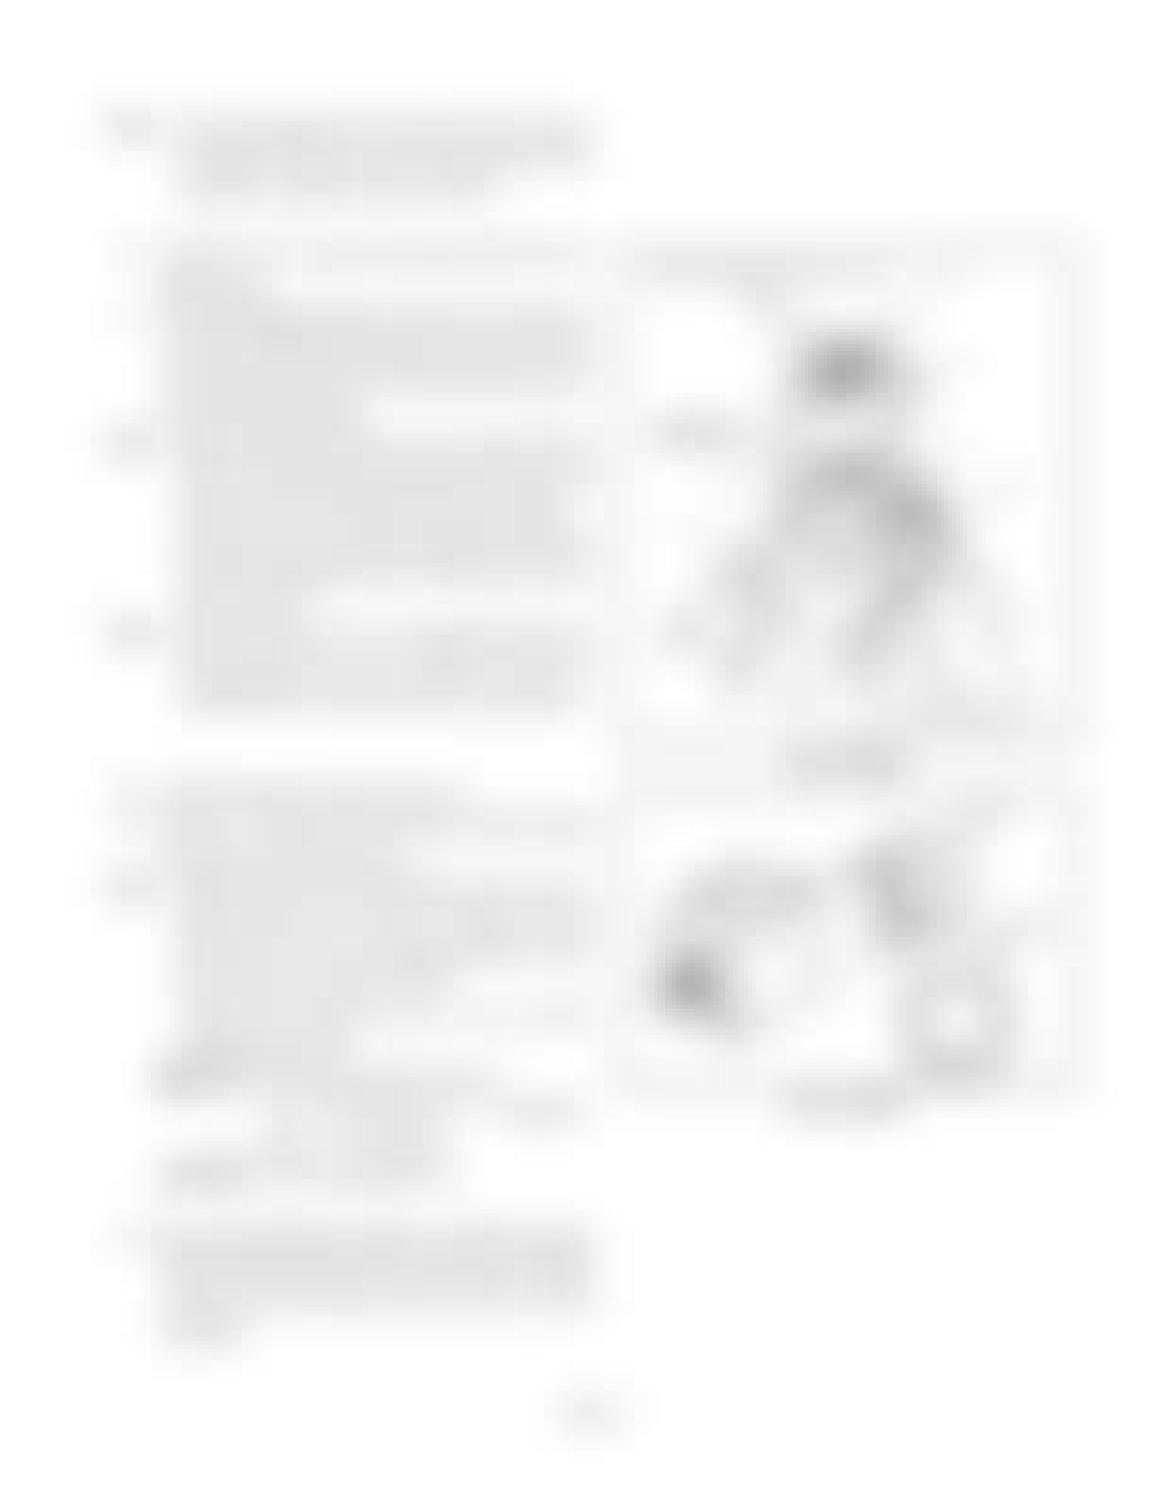 Hitachi LX110-7 LX130-7 LX160-7 LX190-7 LX230-7 Wheel Loader Workshop Manual - PDF DOWNLOAD page 299